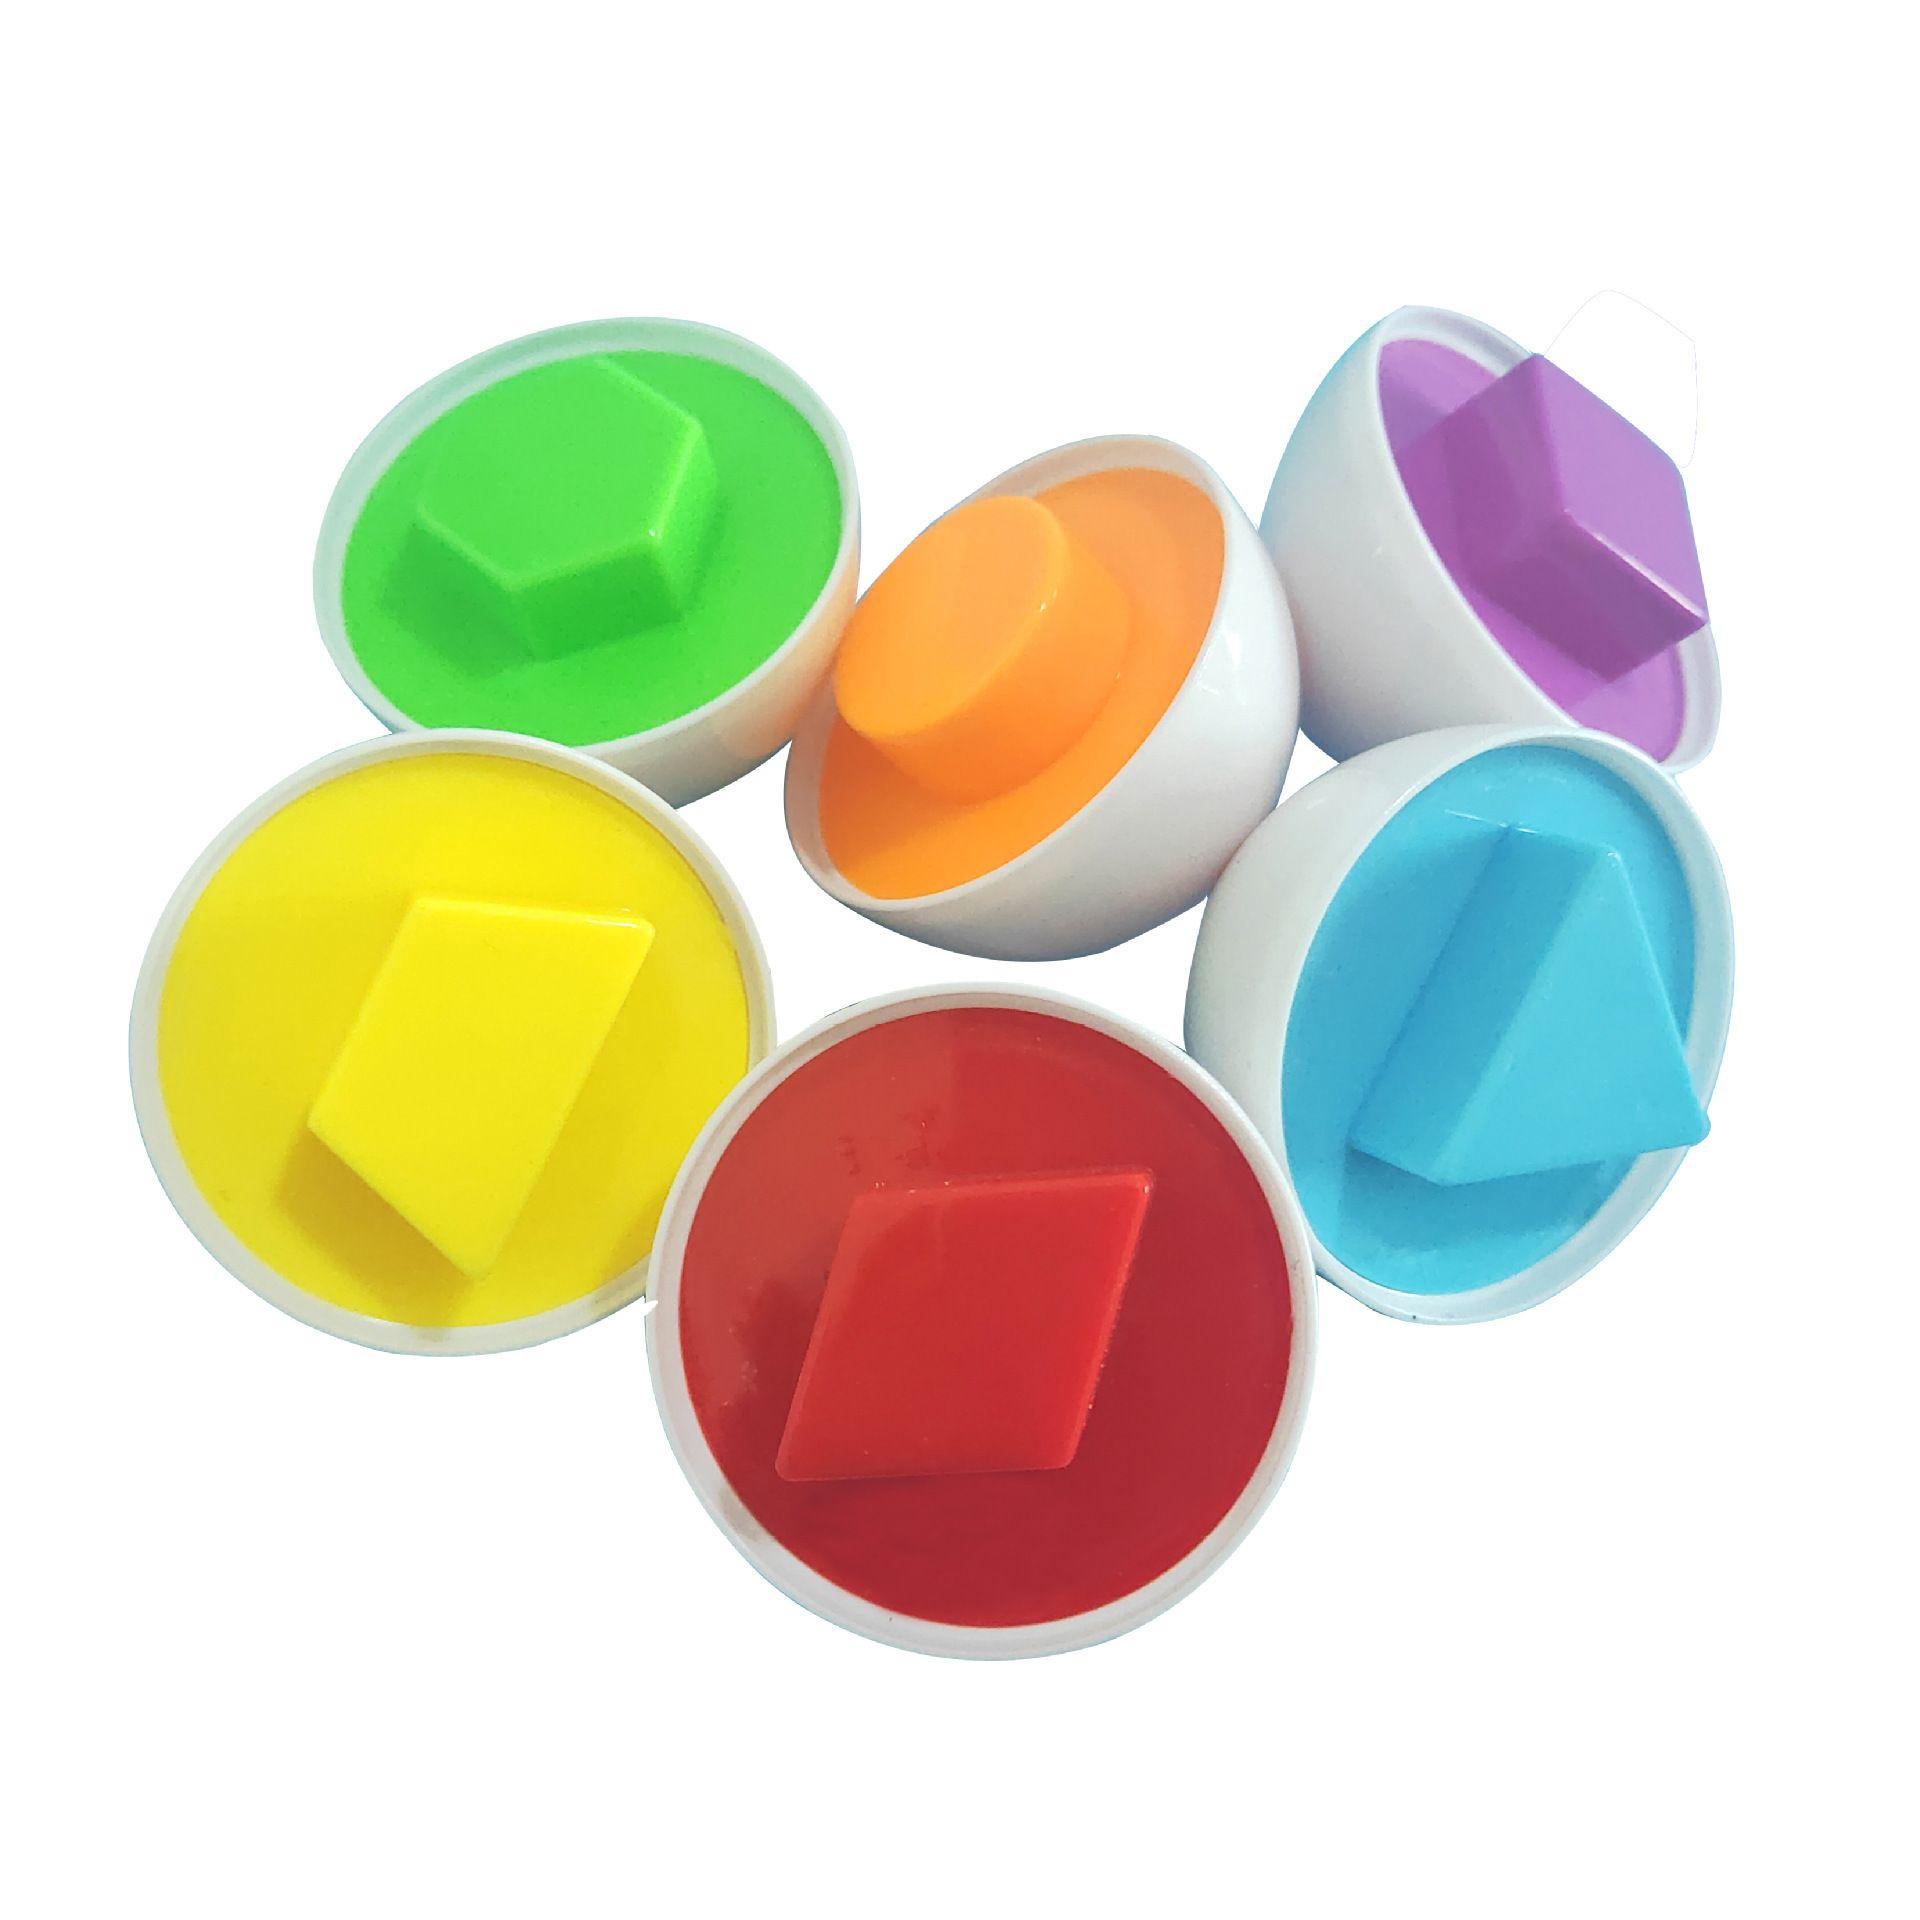 6 pcs cores aleatórias Formas de Puzzle brinquedos para enigma Aprender matemática 3D Jogo Para Crianças Brinquedos Educativos Forma Mixed Eggs